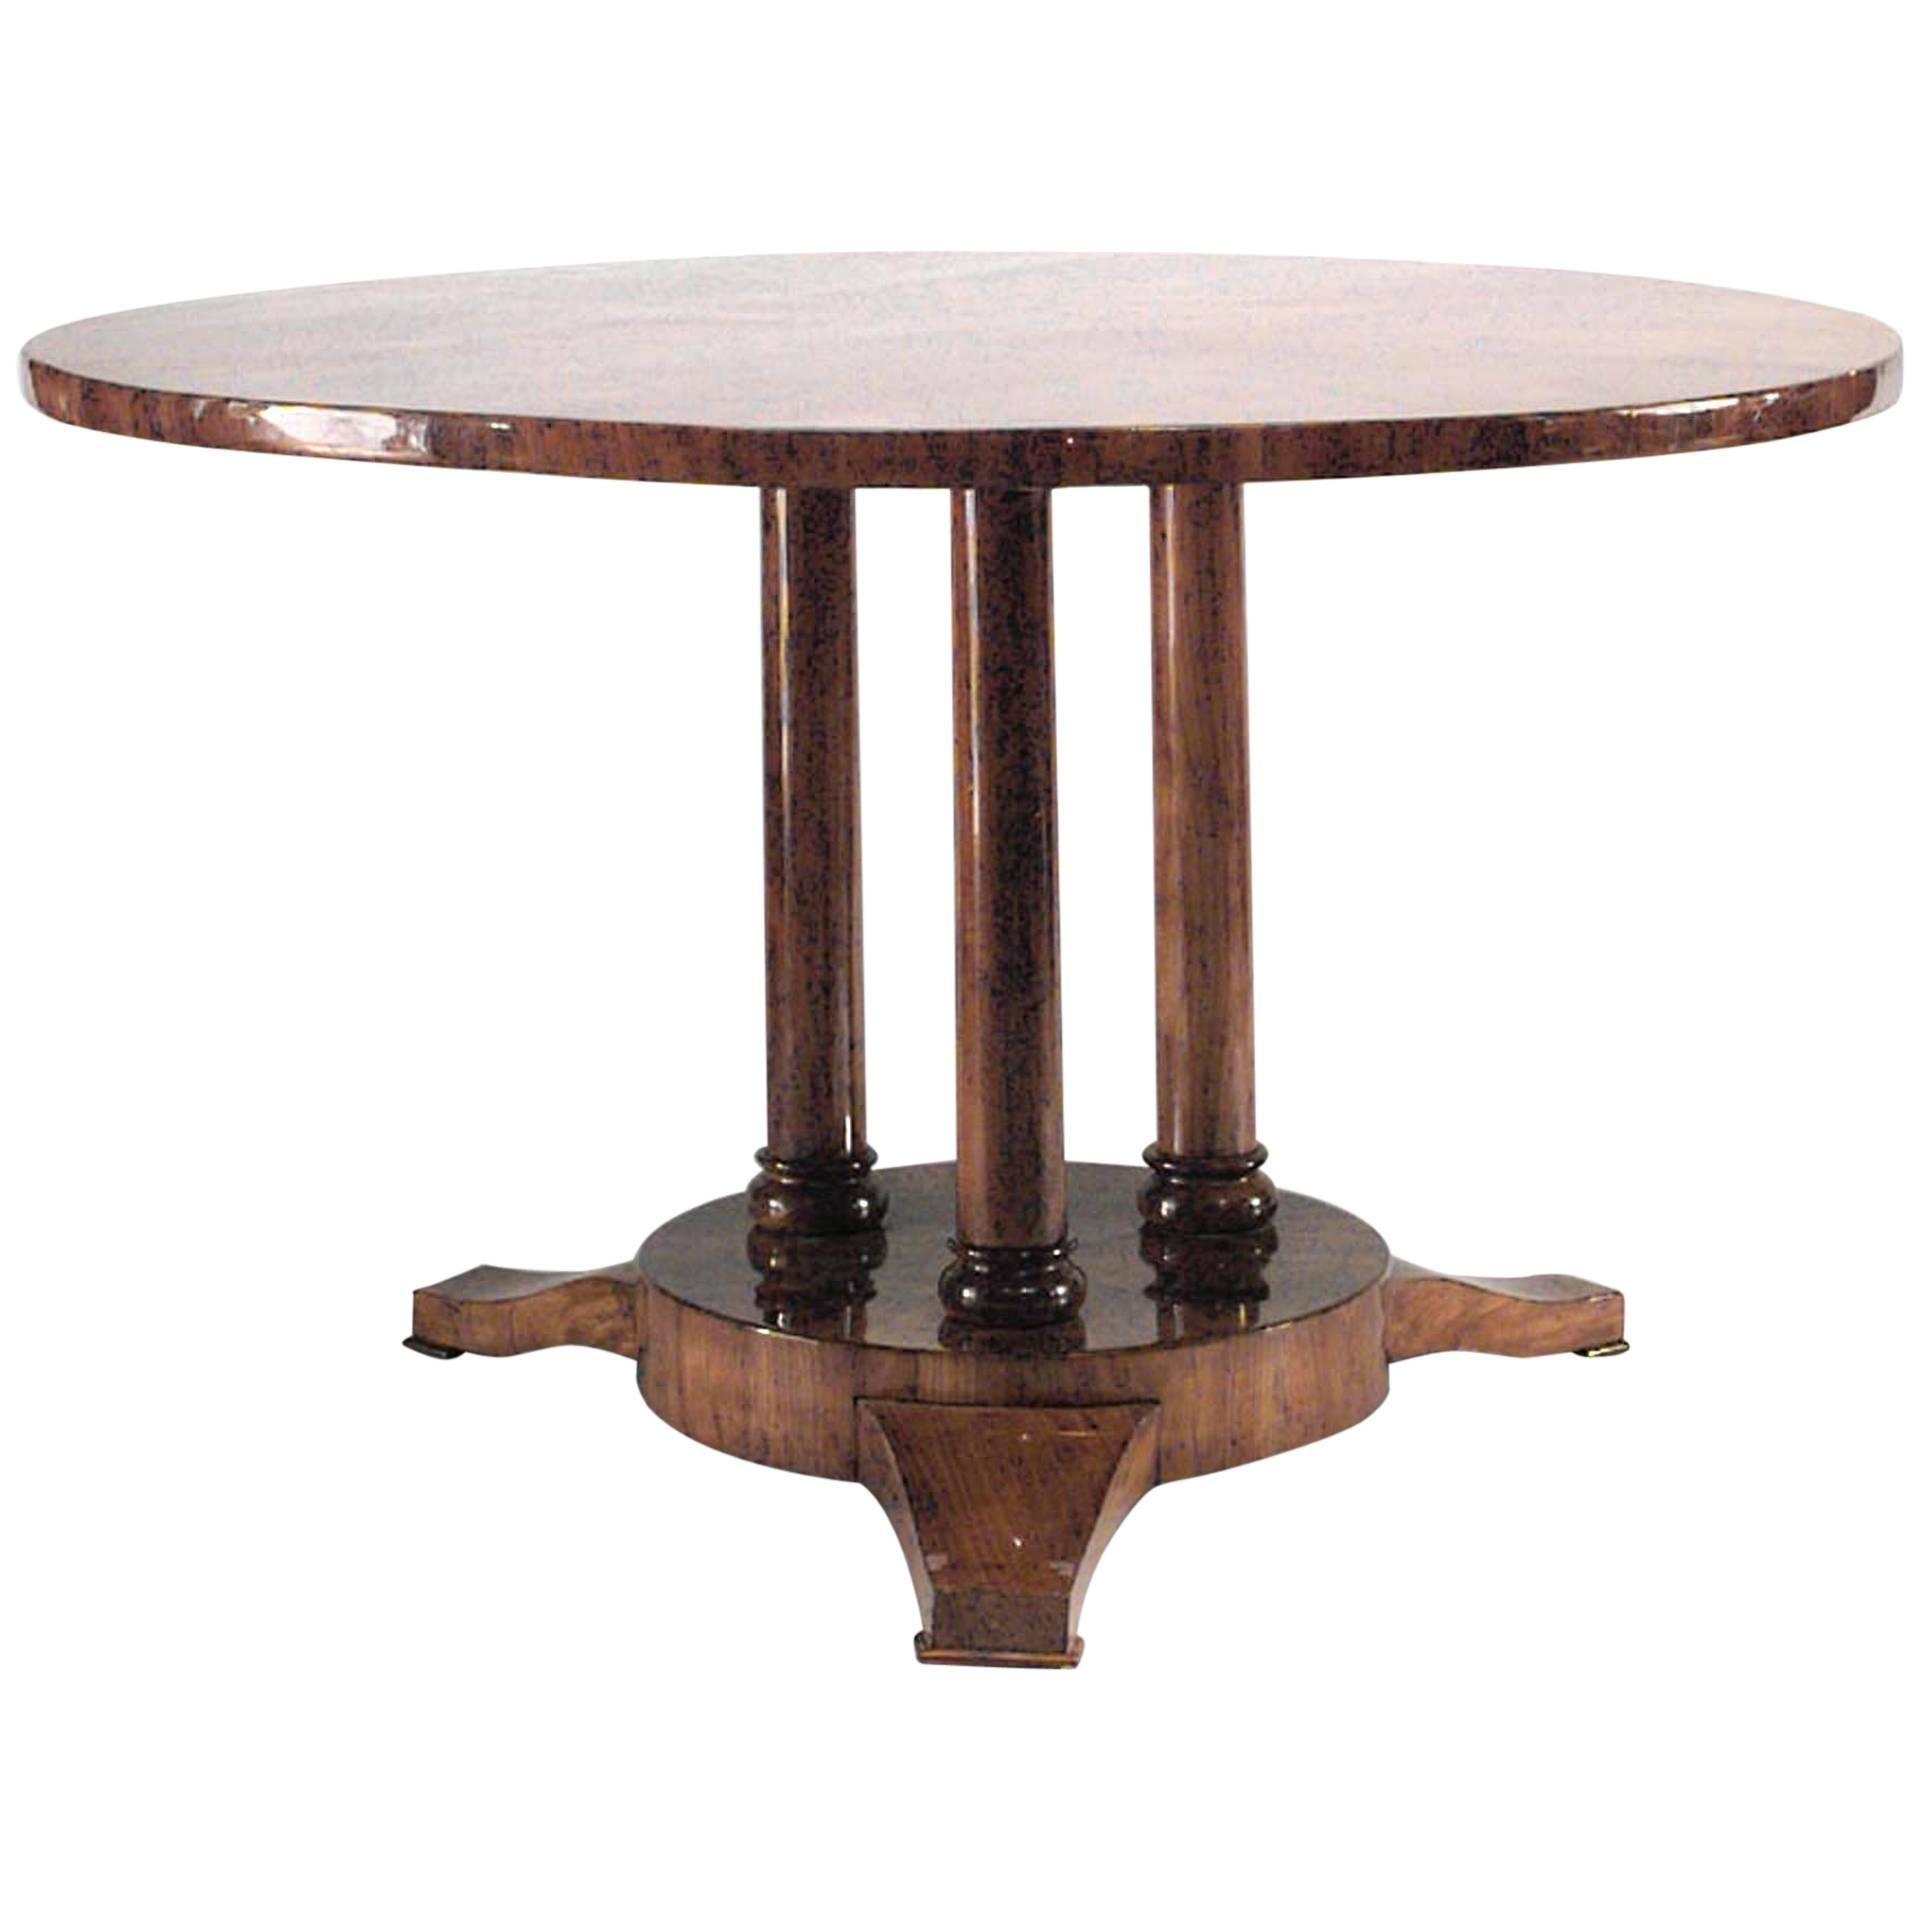 Austrian Biedermeier Round Walnut Tilt-Top Centre Table